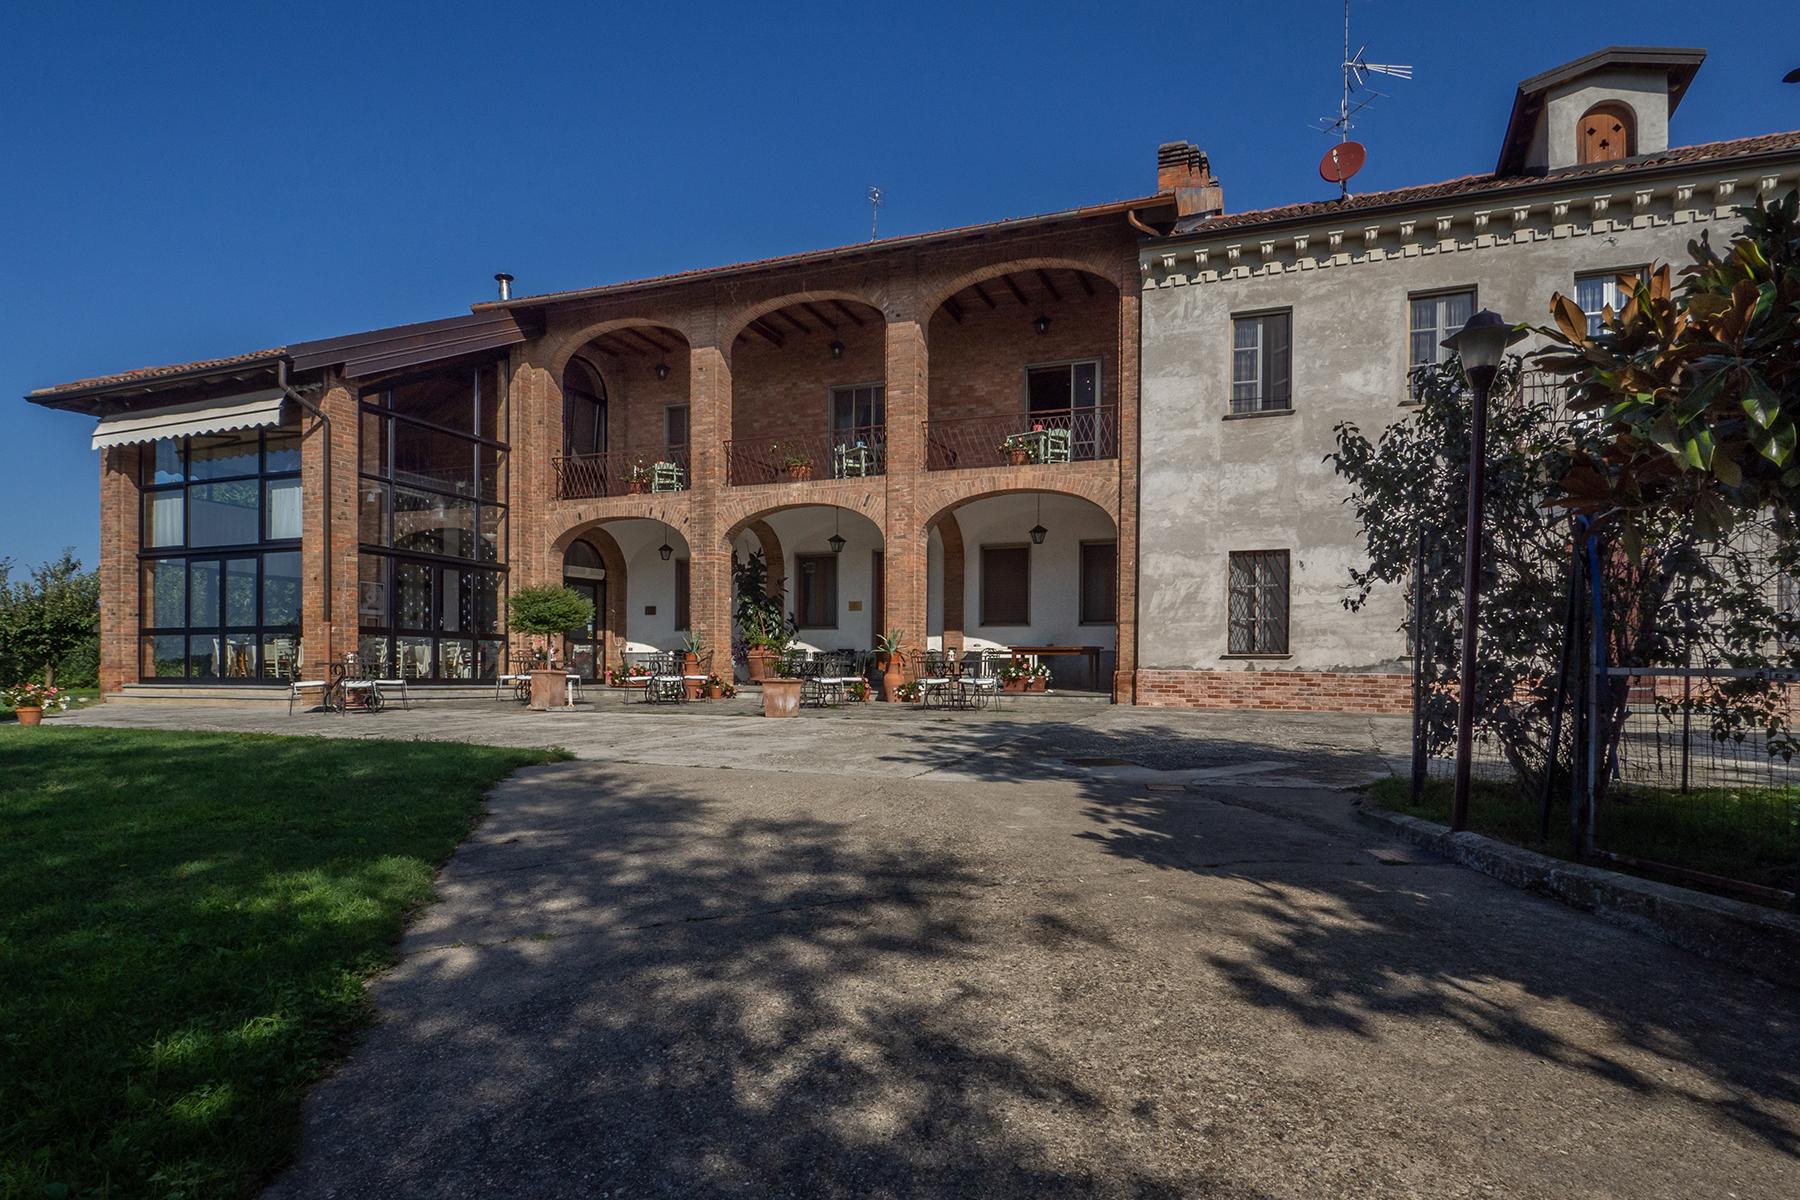 Rustico in Vendita a Sala Monferrato: 5 locali, 1000 mq - Foto 7